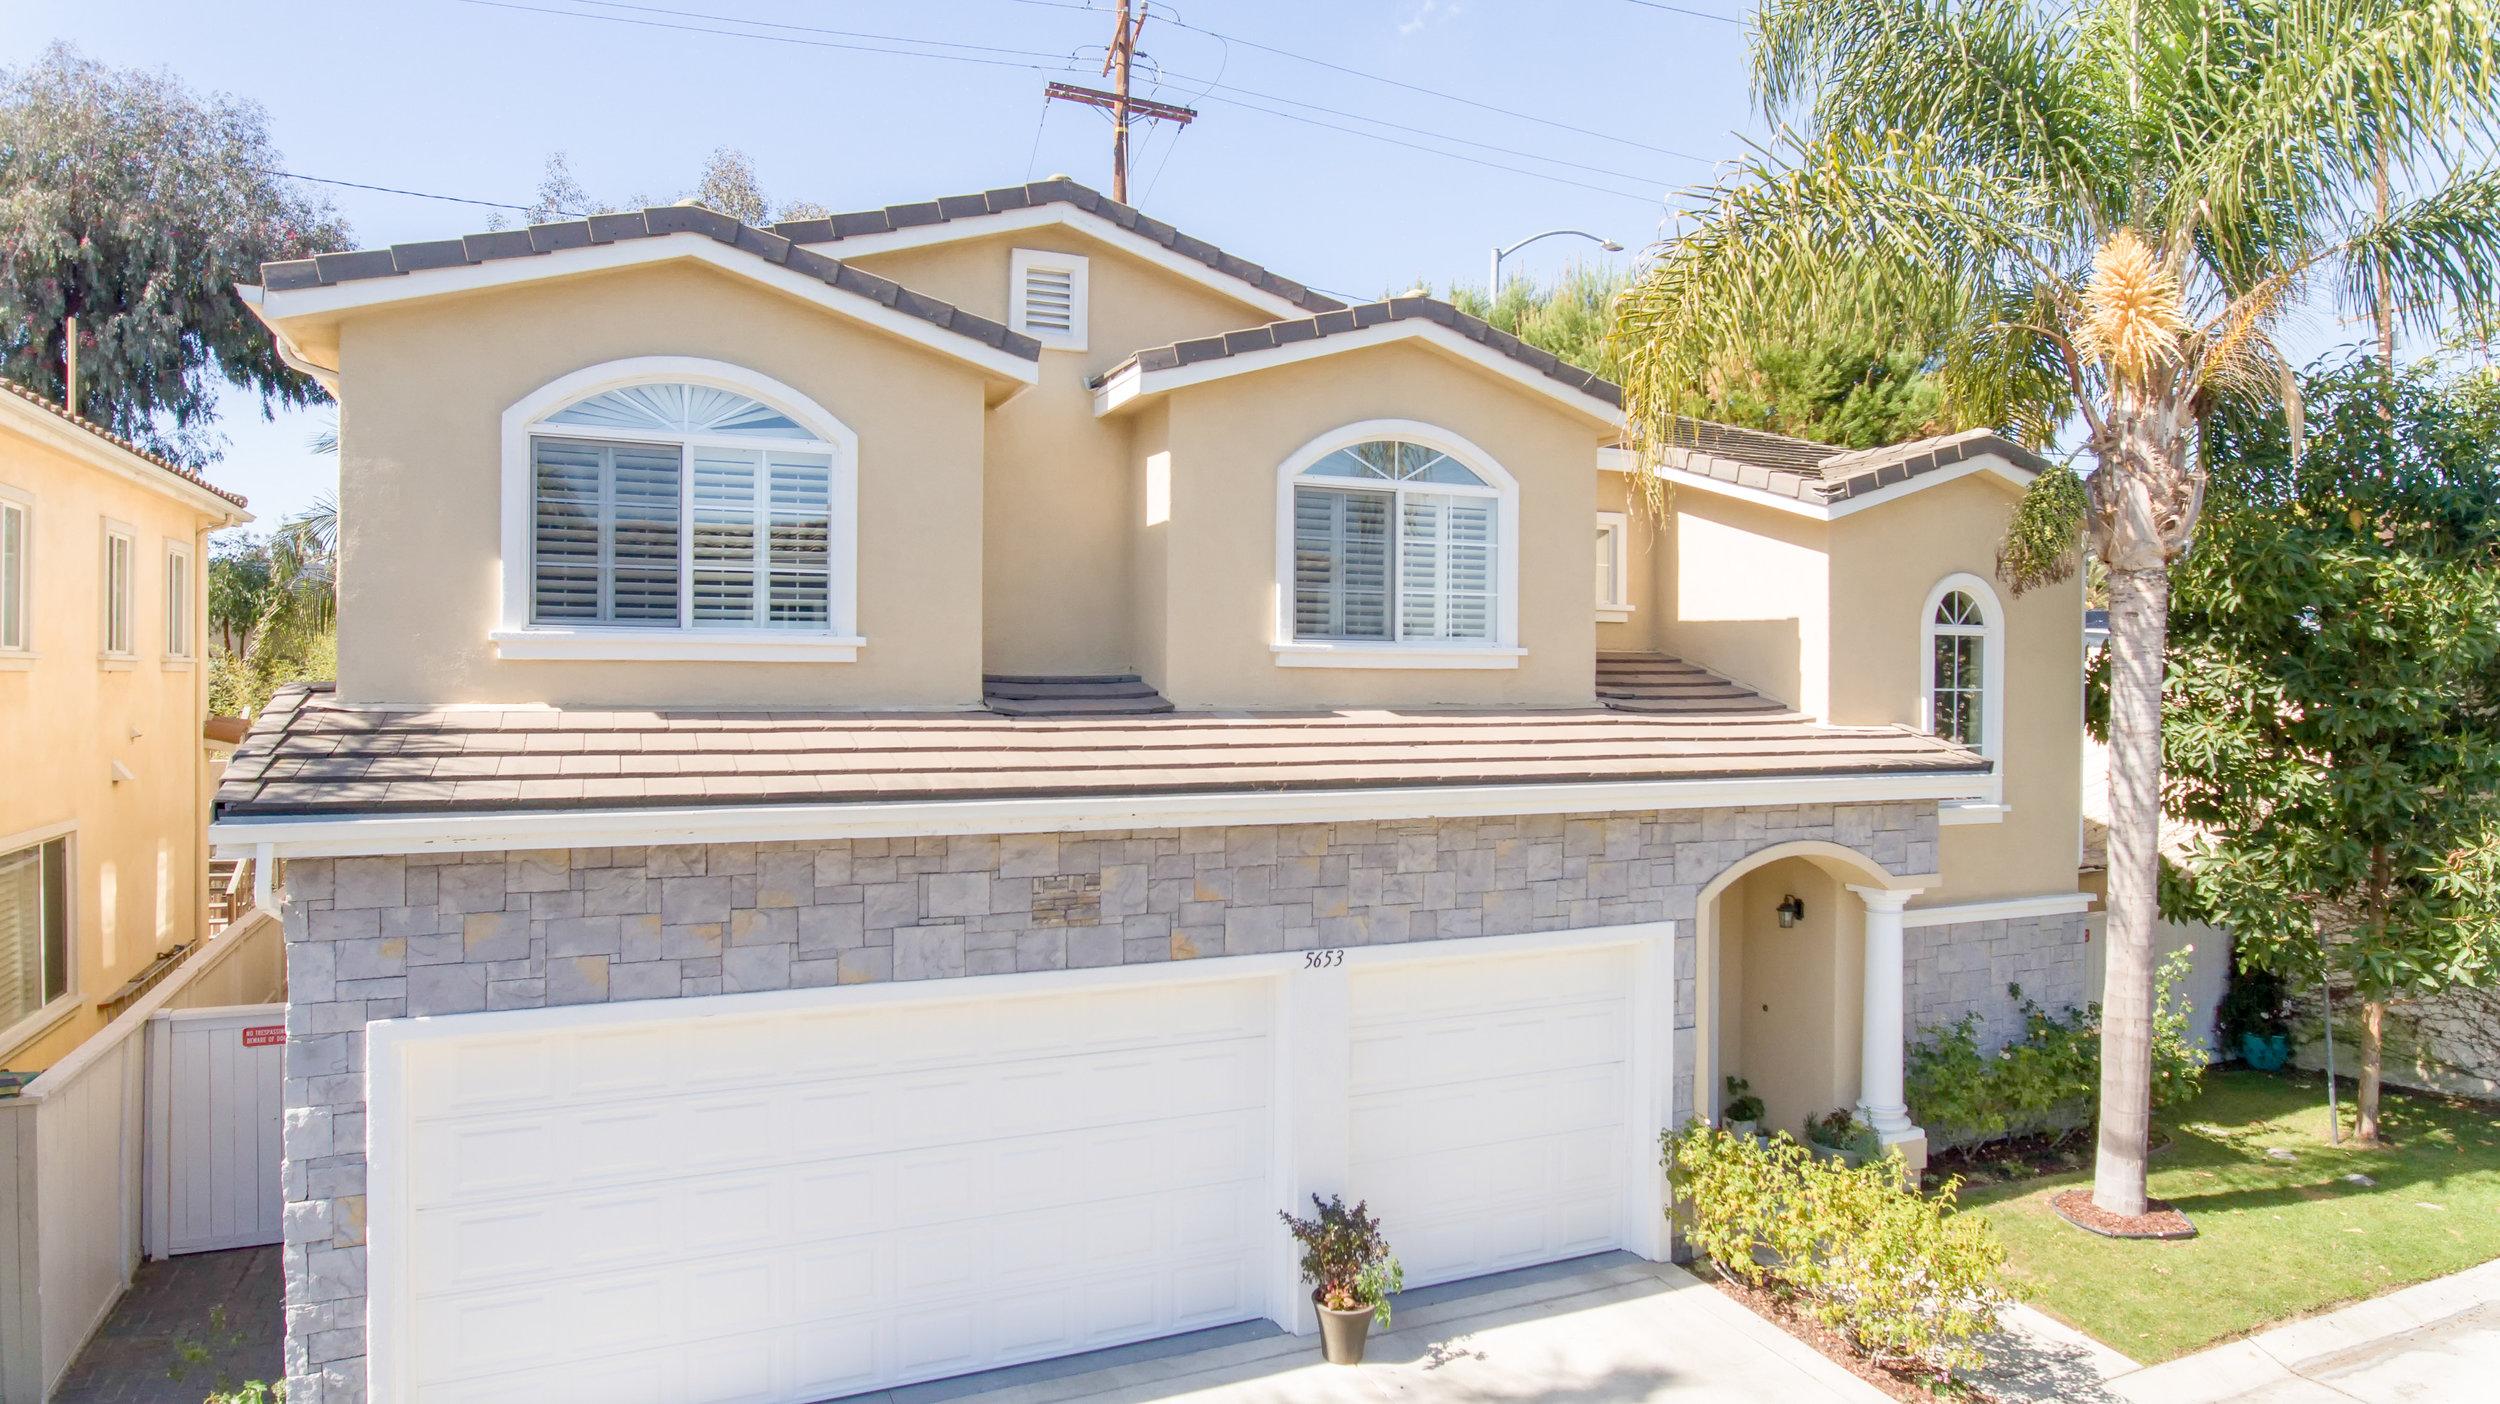 $1,482,500   5653 Alix Ct, Redondo Beach